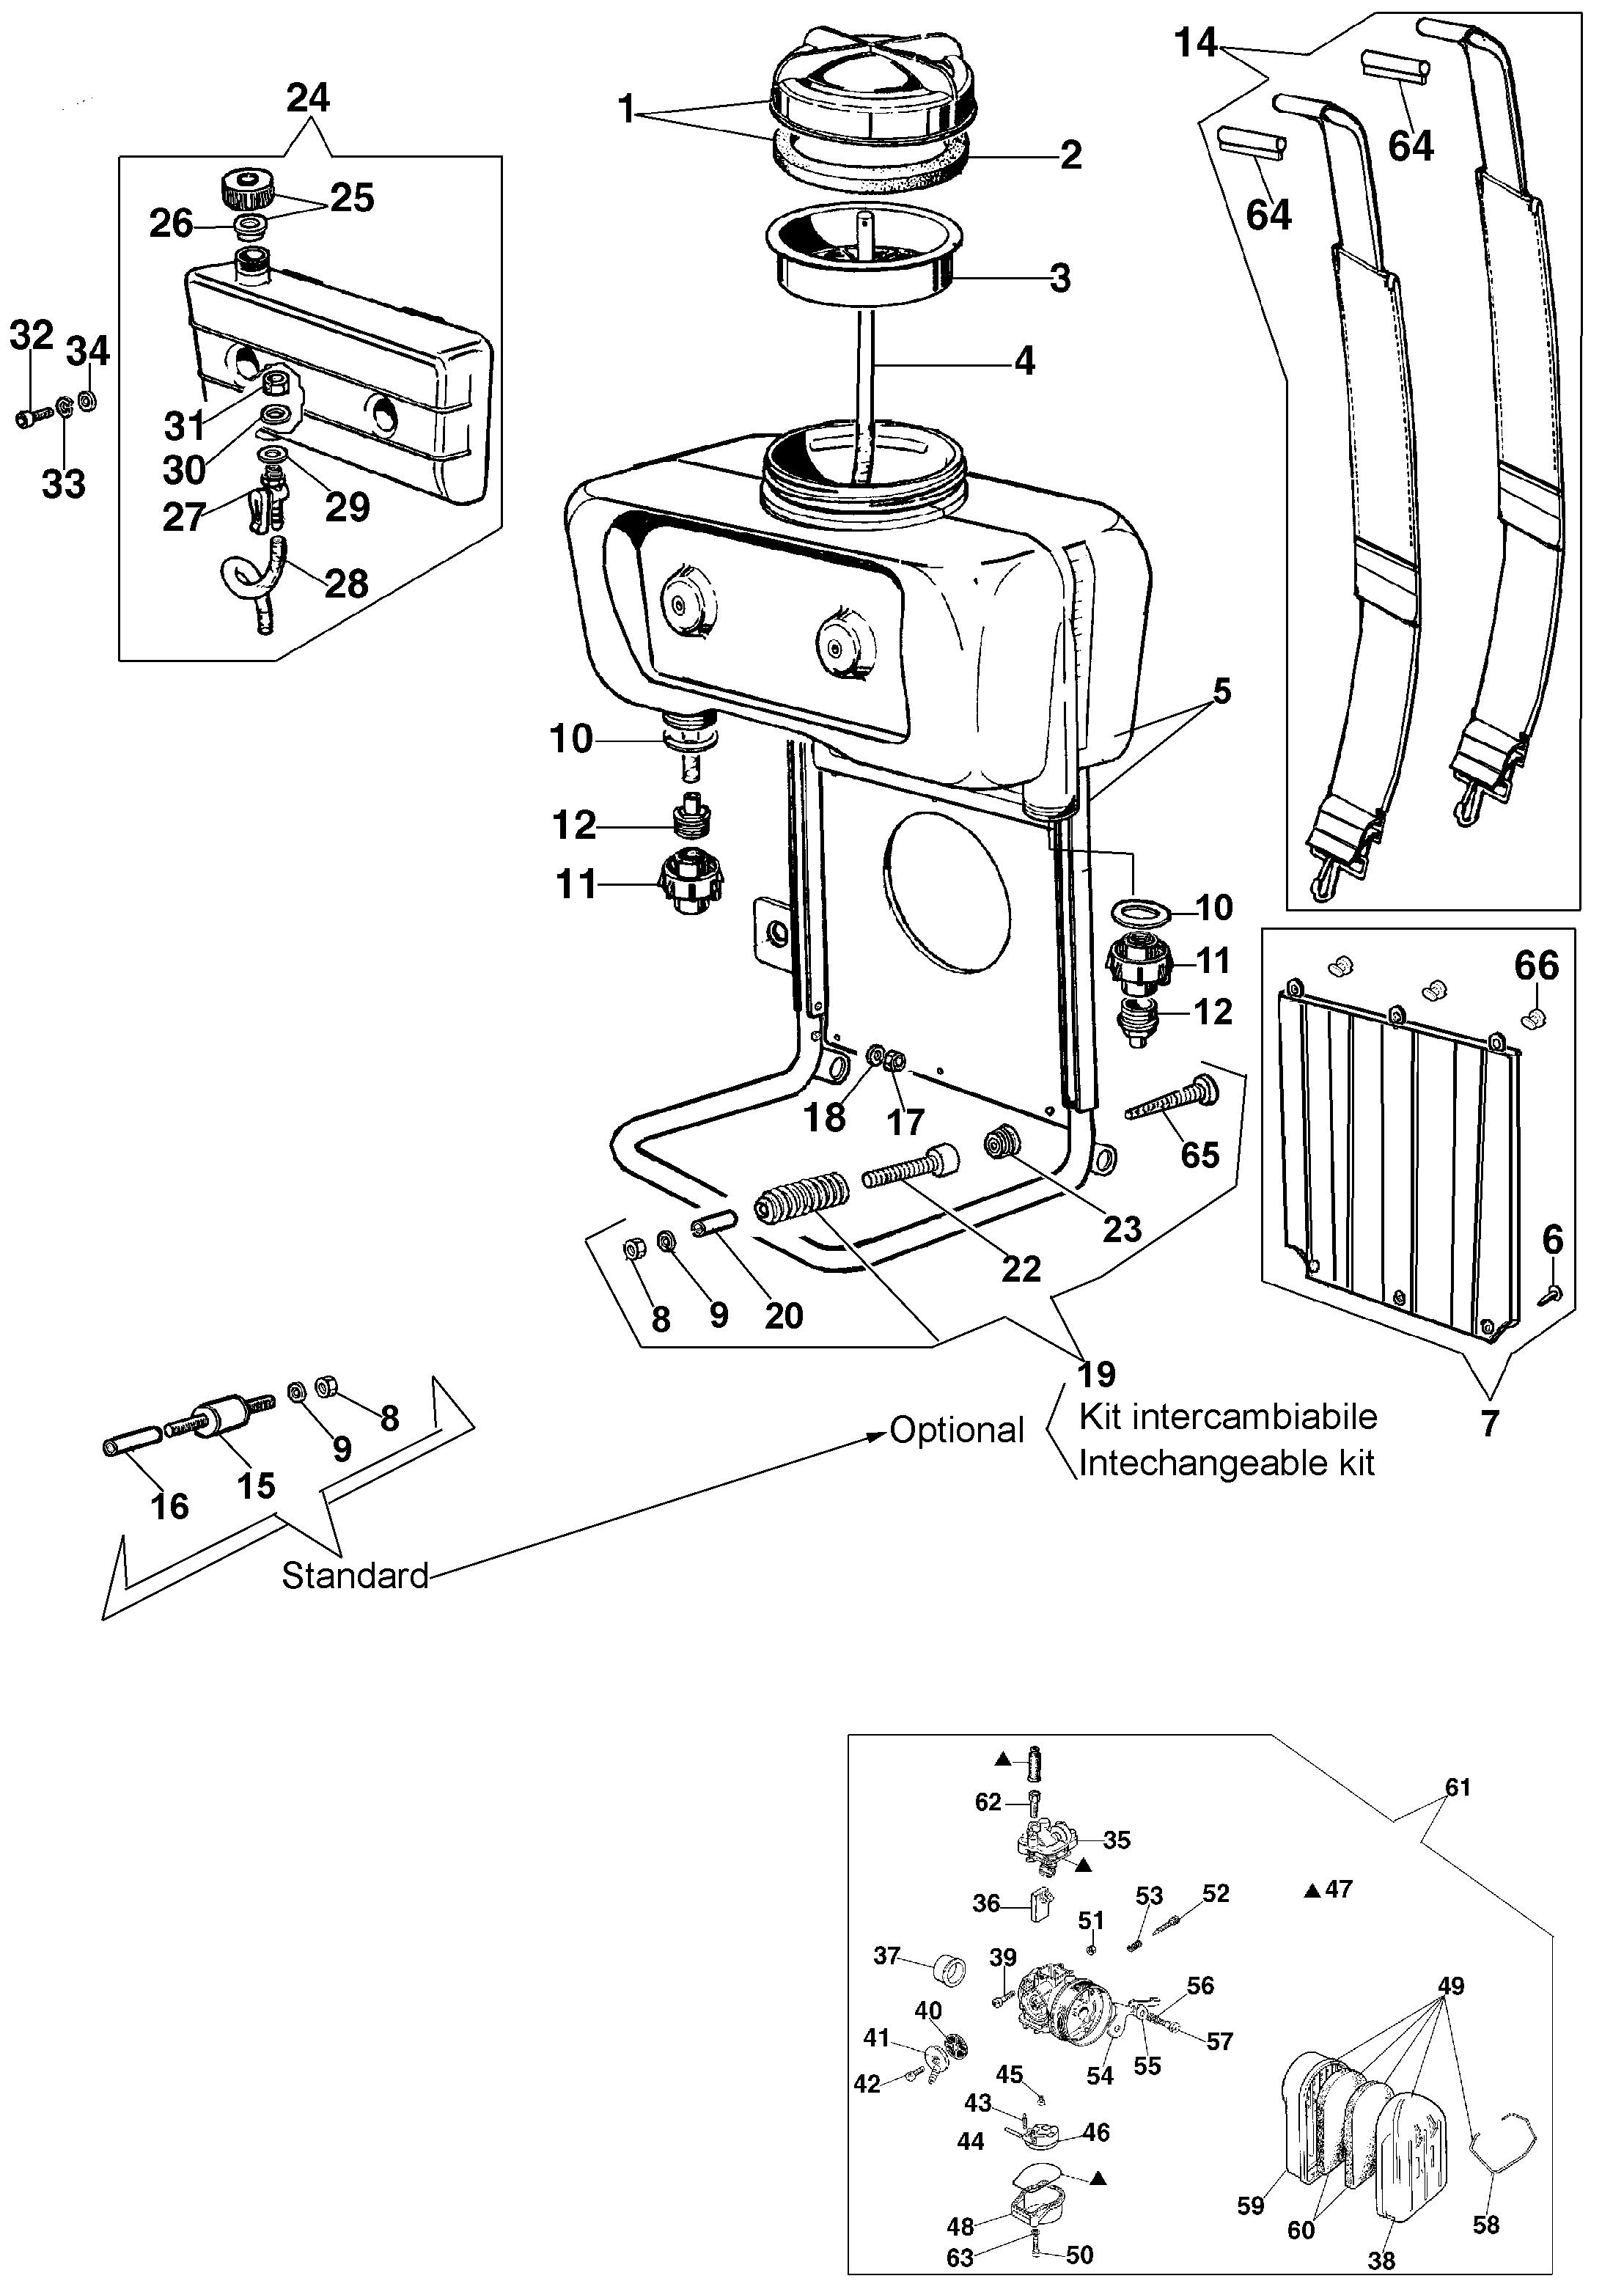 AM 150 Atomiseur oleomac Dessins pièces vue éclatée  Groupe réservoir